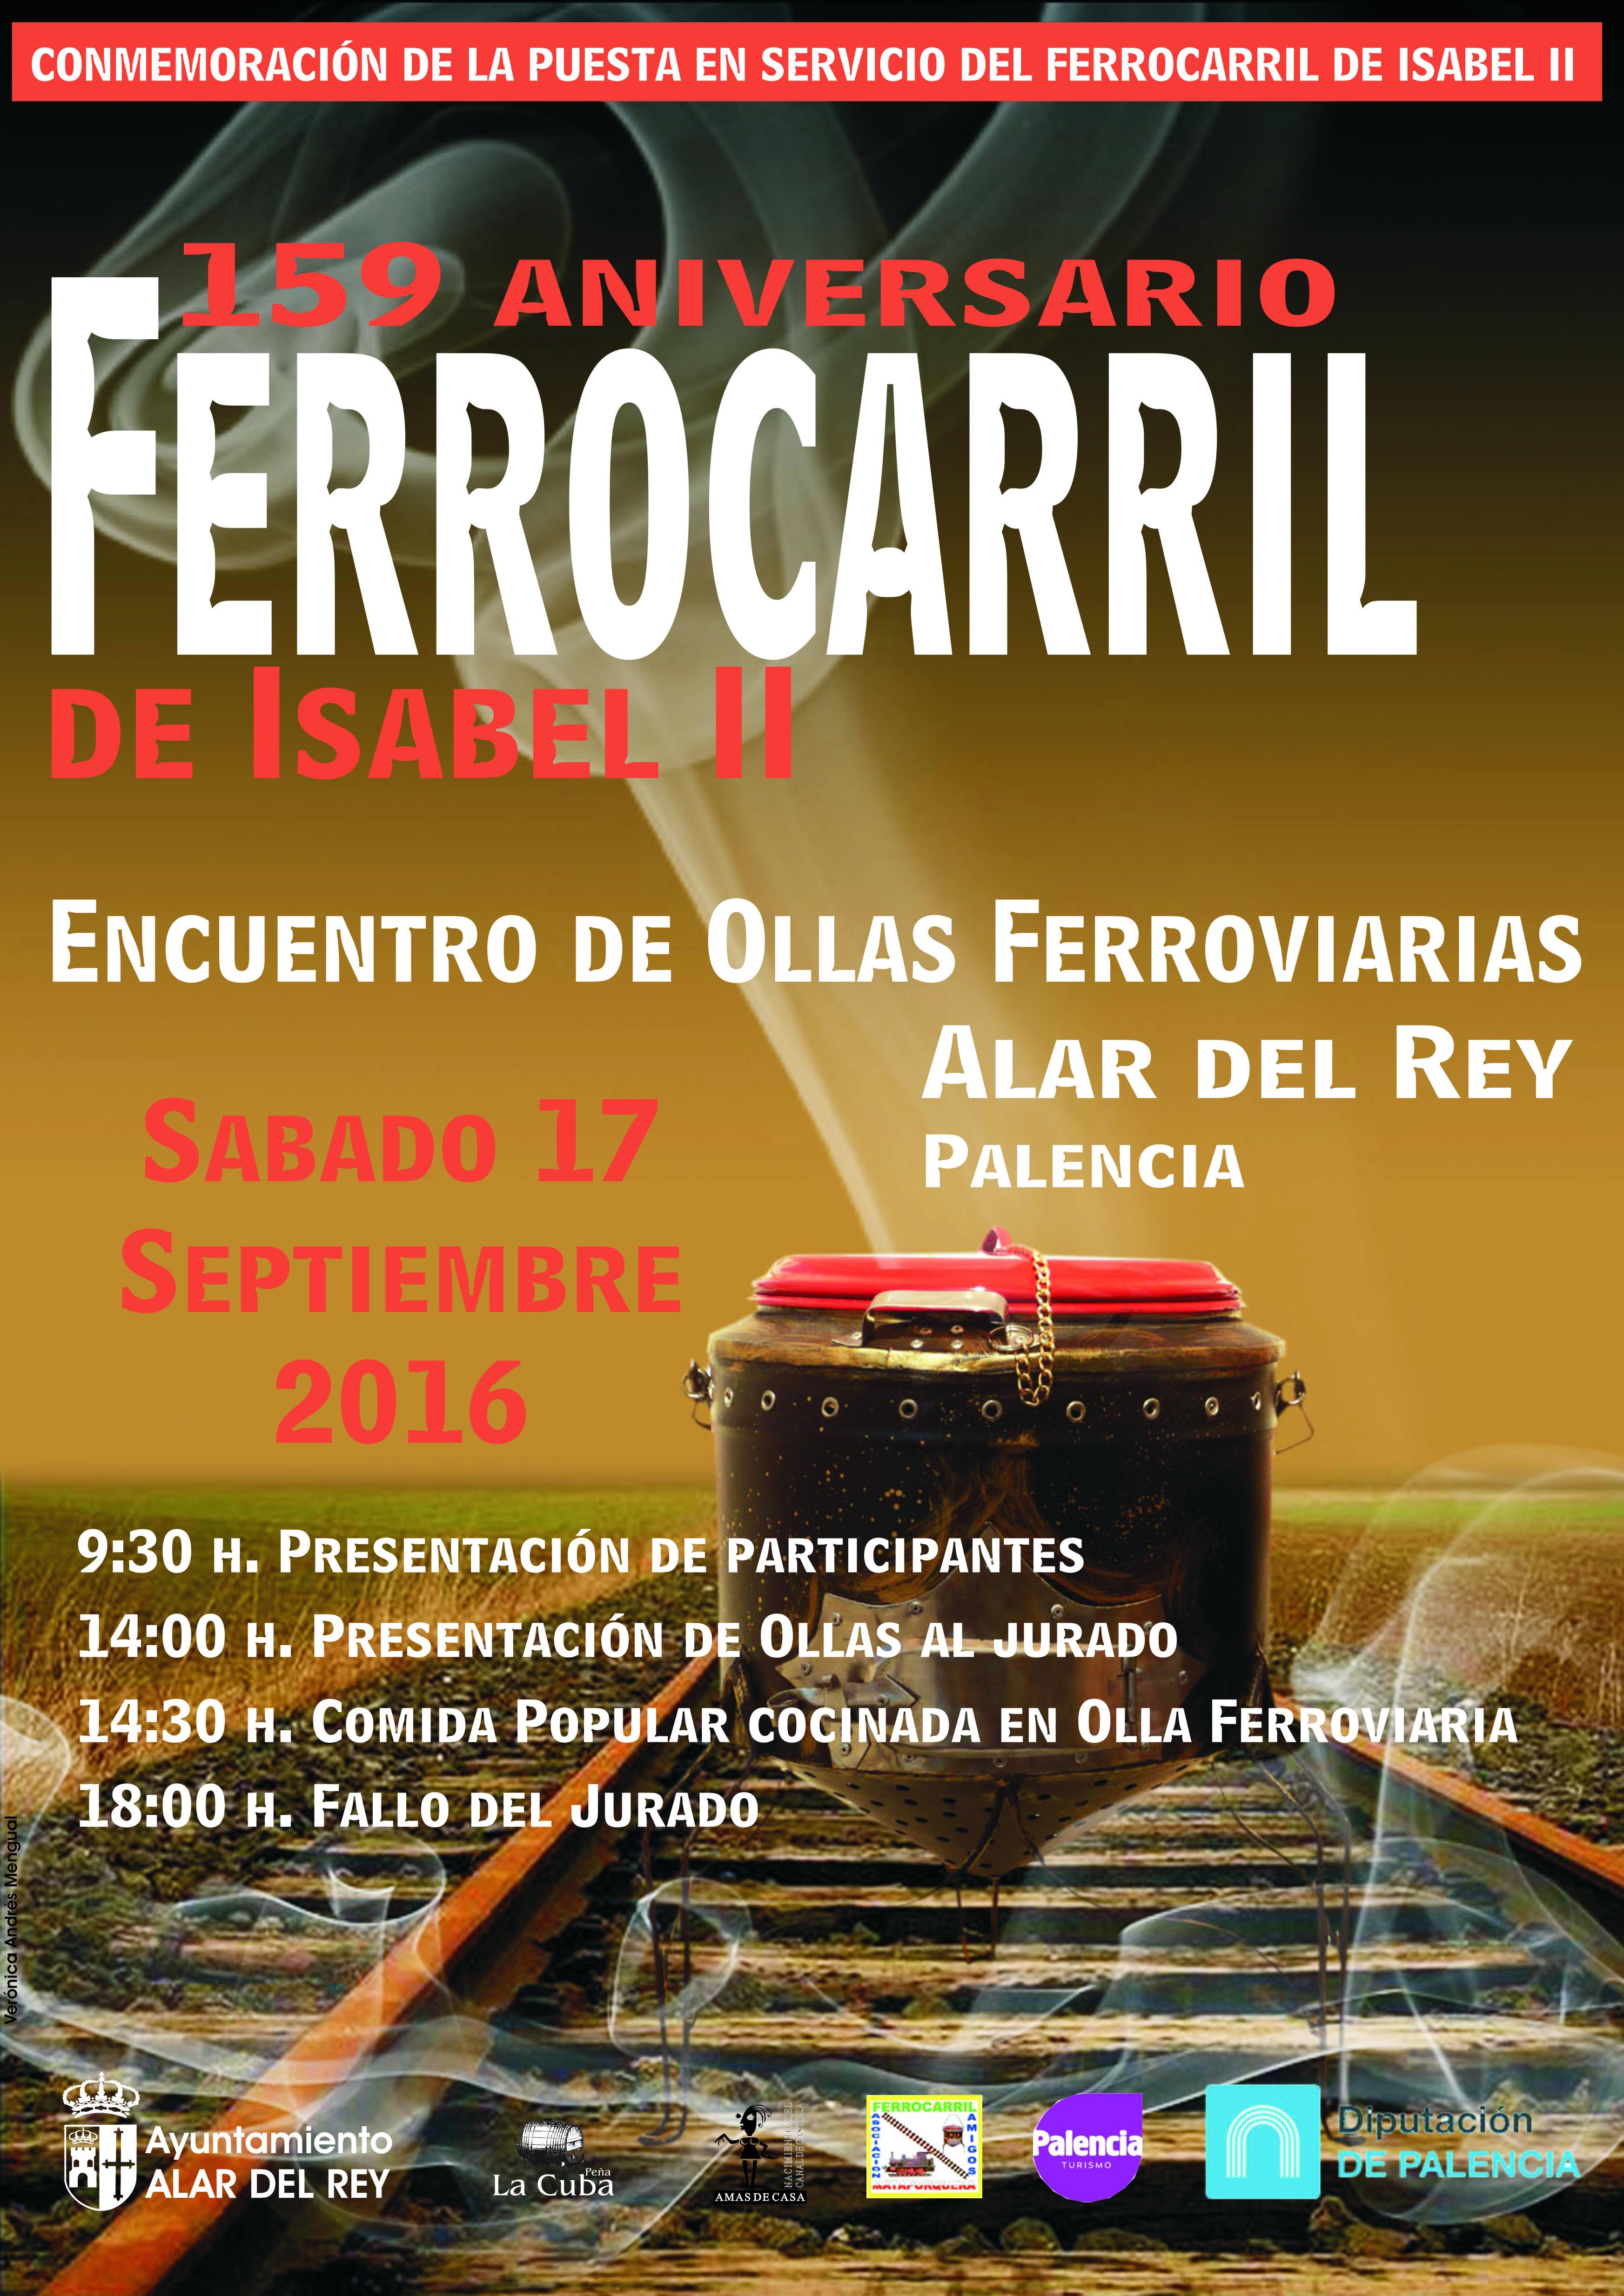 159 ANIVERSARIO DEL FERROCARRIL, ENCUENTRO DE OLLAS FERROVIARIAS 2016